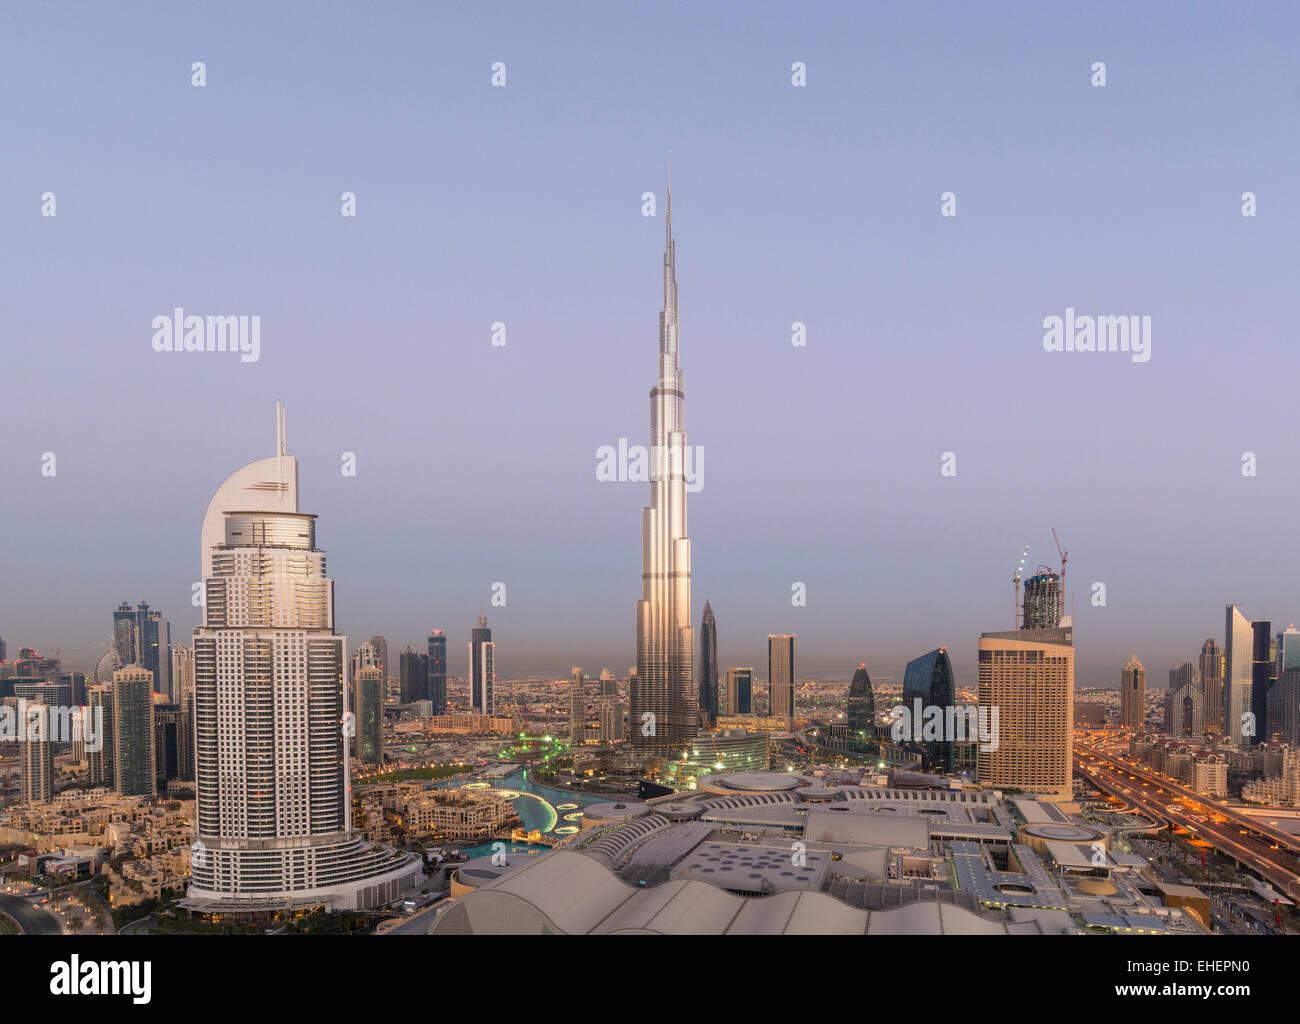 , El Burj Dubai Mall y el horizonte del amanecer en el centro de Dubai Emiratos Arabes Unidos Foto de stock